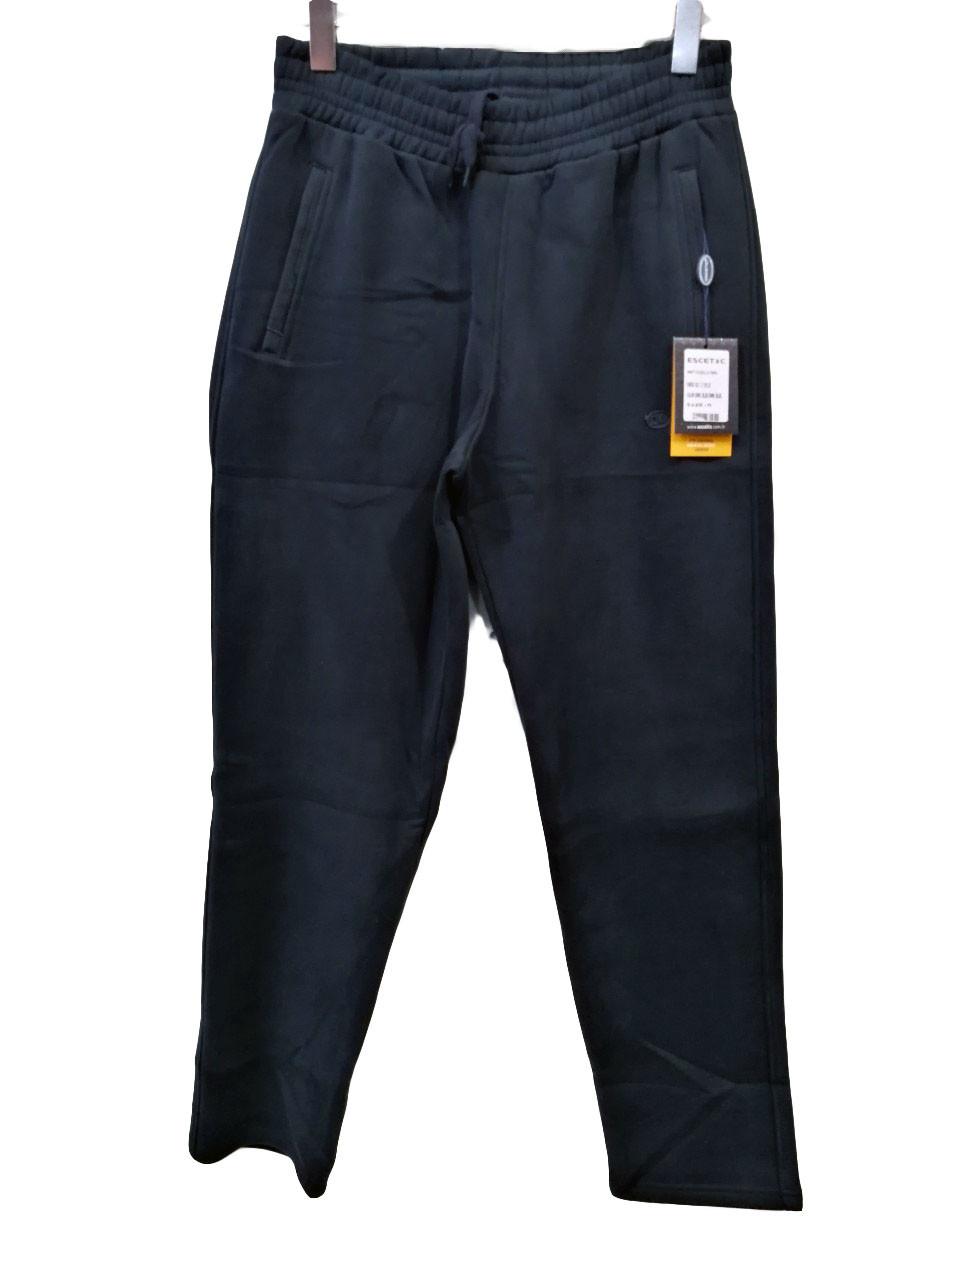 Штани теплі чоловічі Escetic прямі зимові спортивні штани Сині